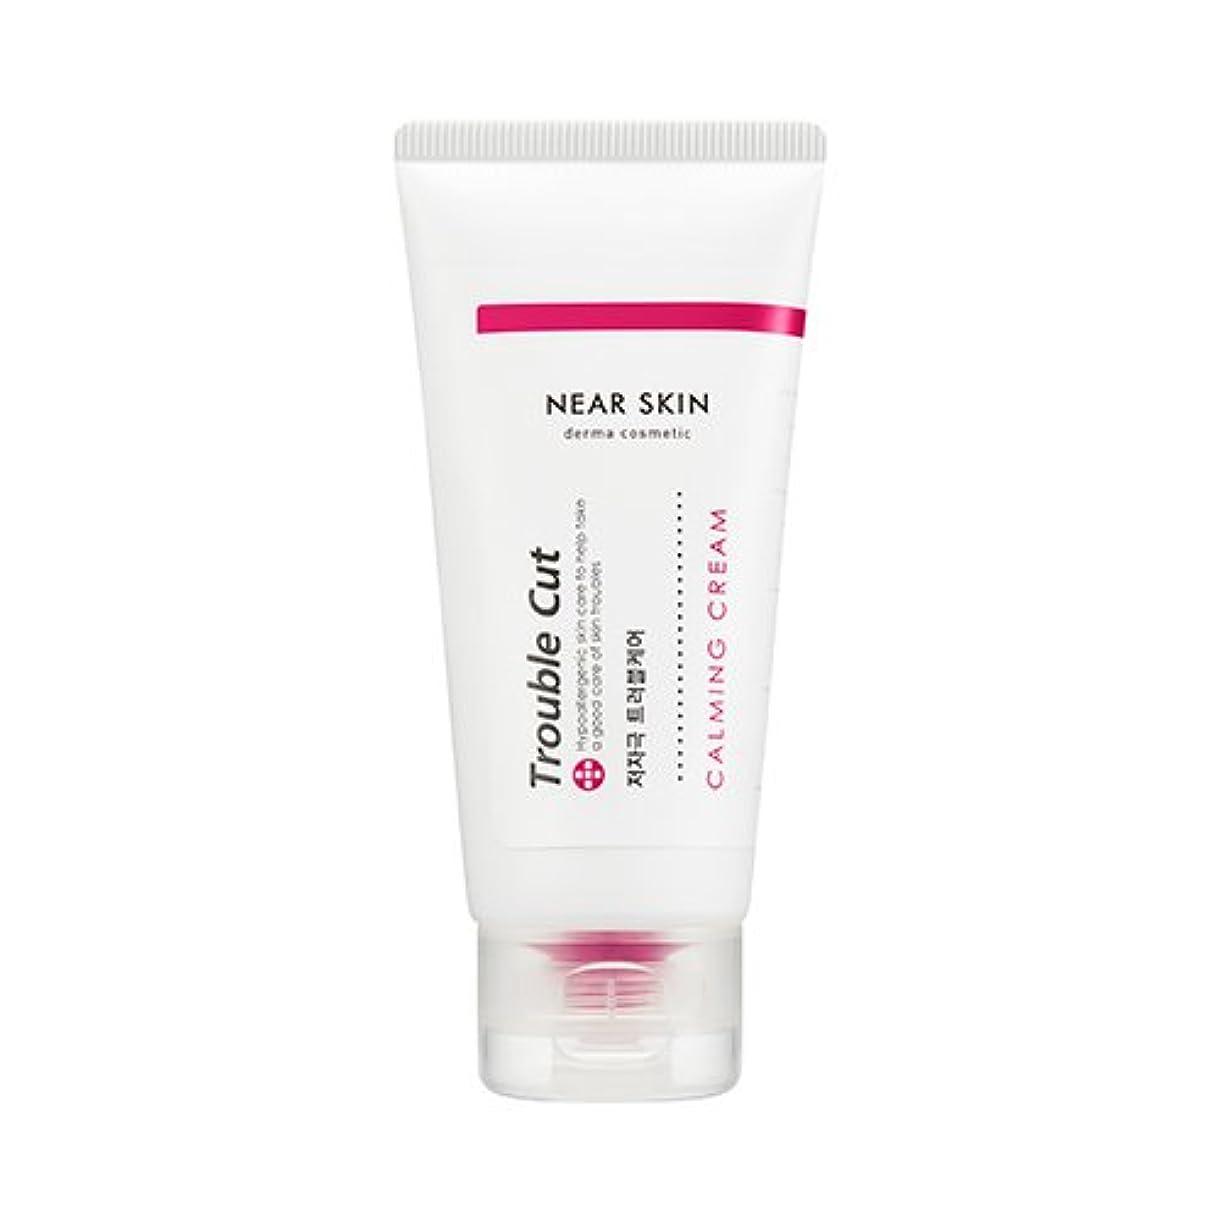 ランク階層止まるMISSHA [Near Skin] Trouble Cut Calming Cream 20ml / ミシャ ニアスキン トラブルカットカミングクリーム [並行輸入品]